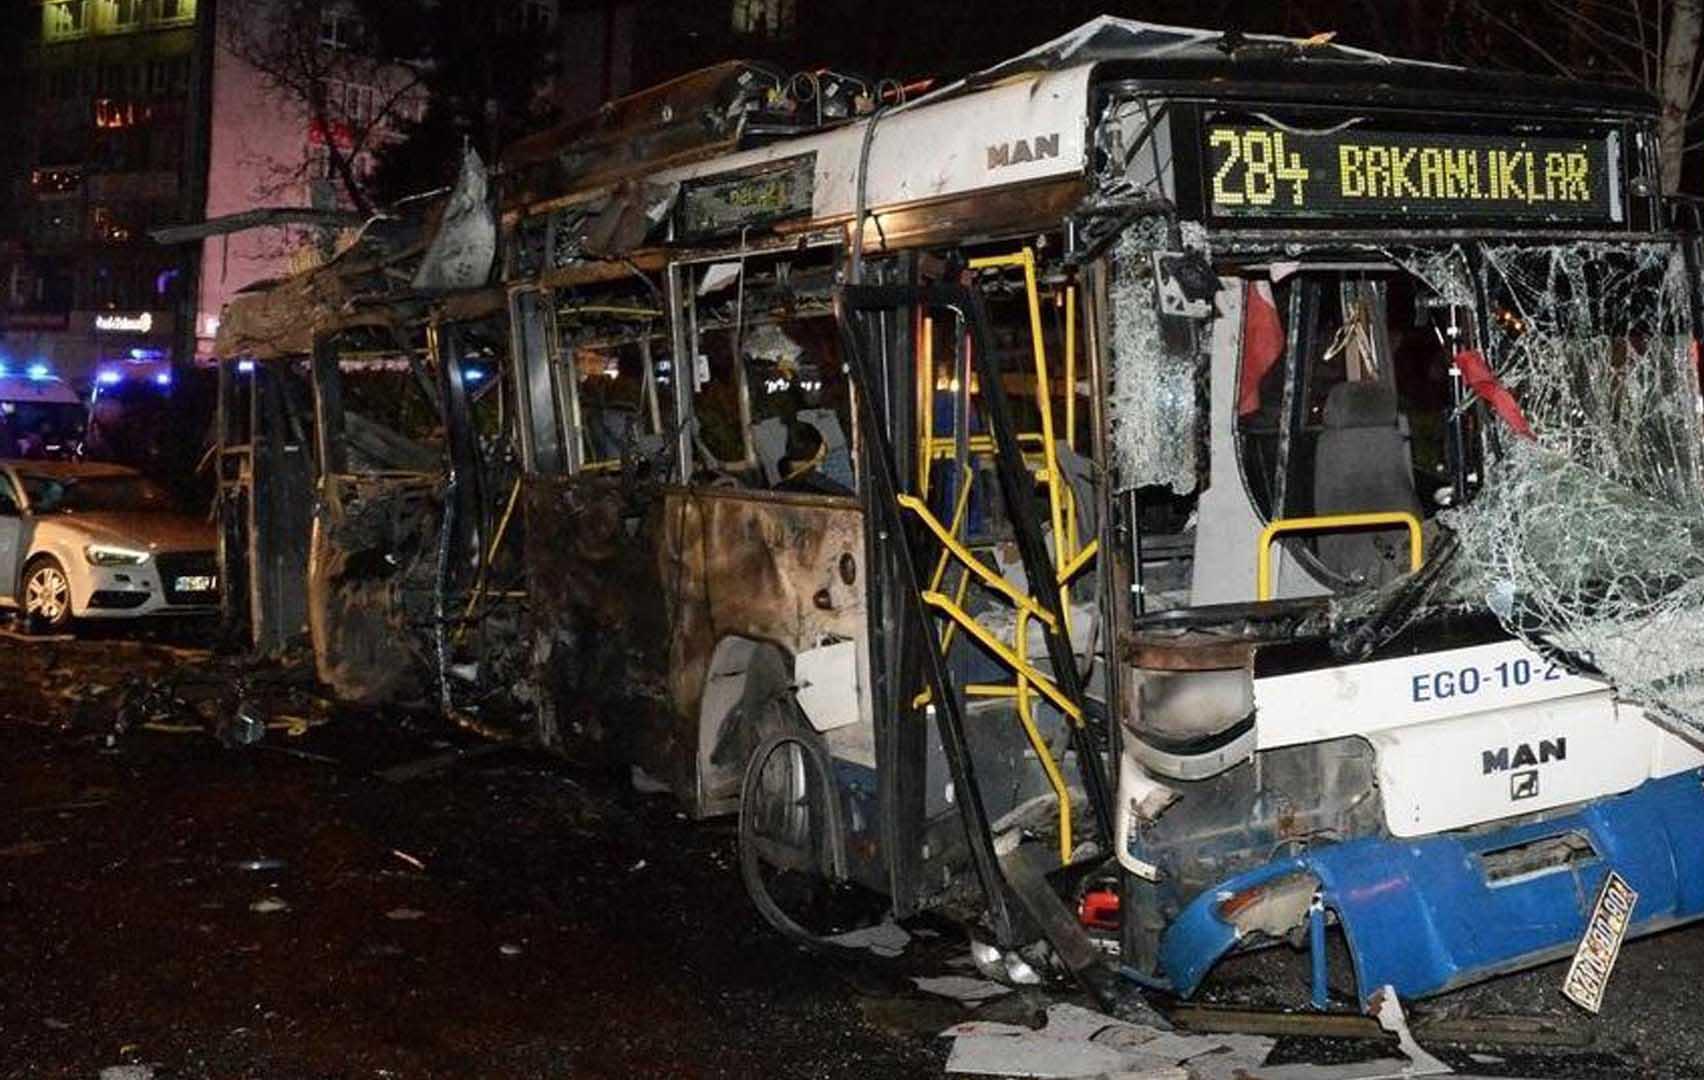 El ataque suicida fue perpetrado con un carro bomba cuya explosión dejó más de 100 heridos